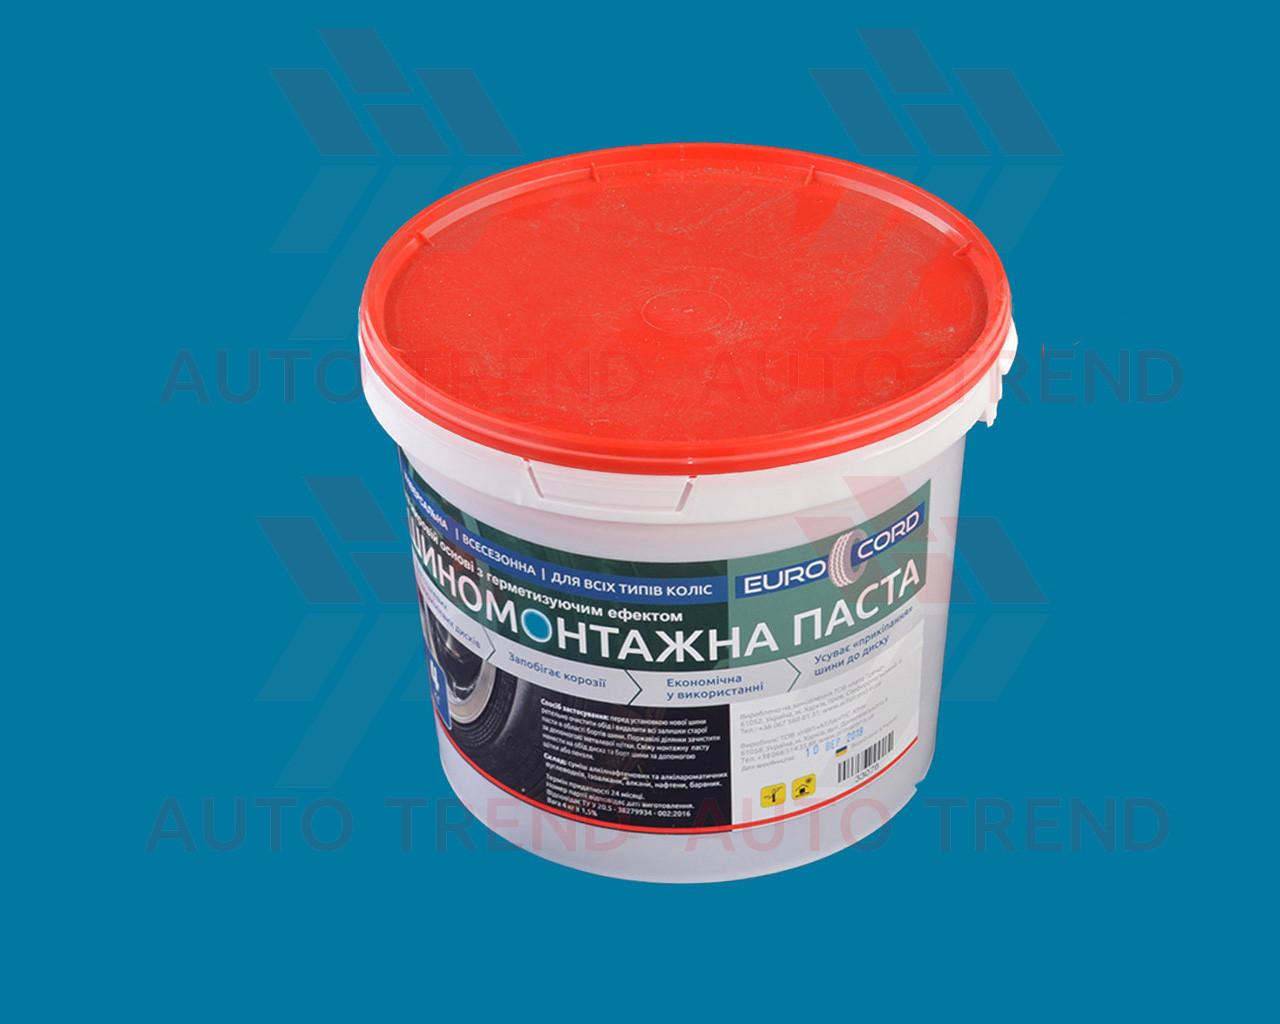 Паста монтажная 4кг красная на жировой основе с герметизирующим эффектом